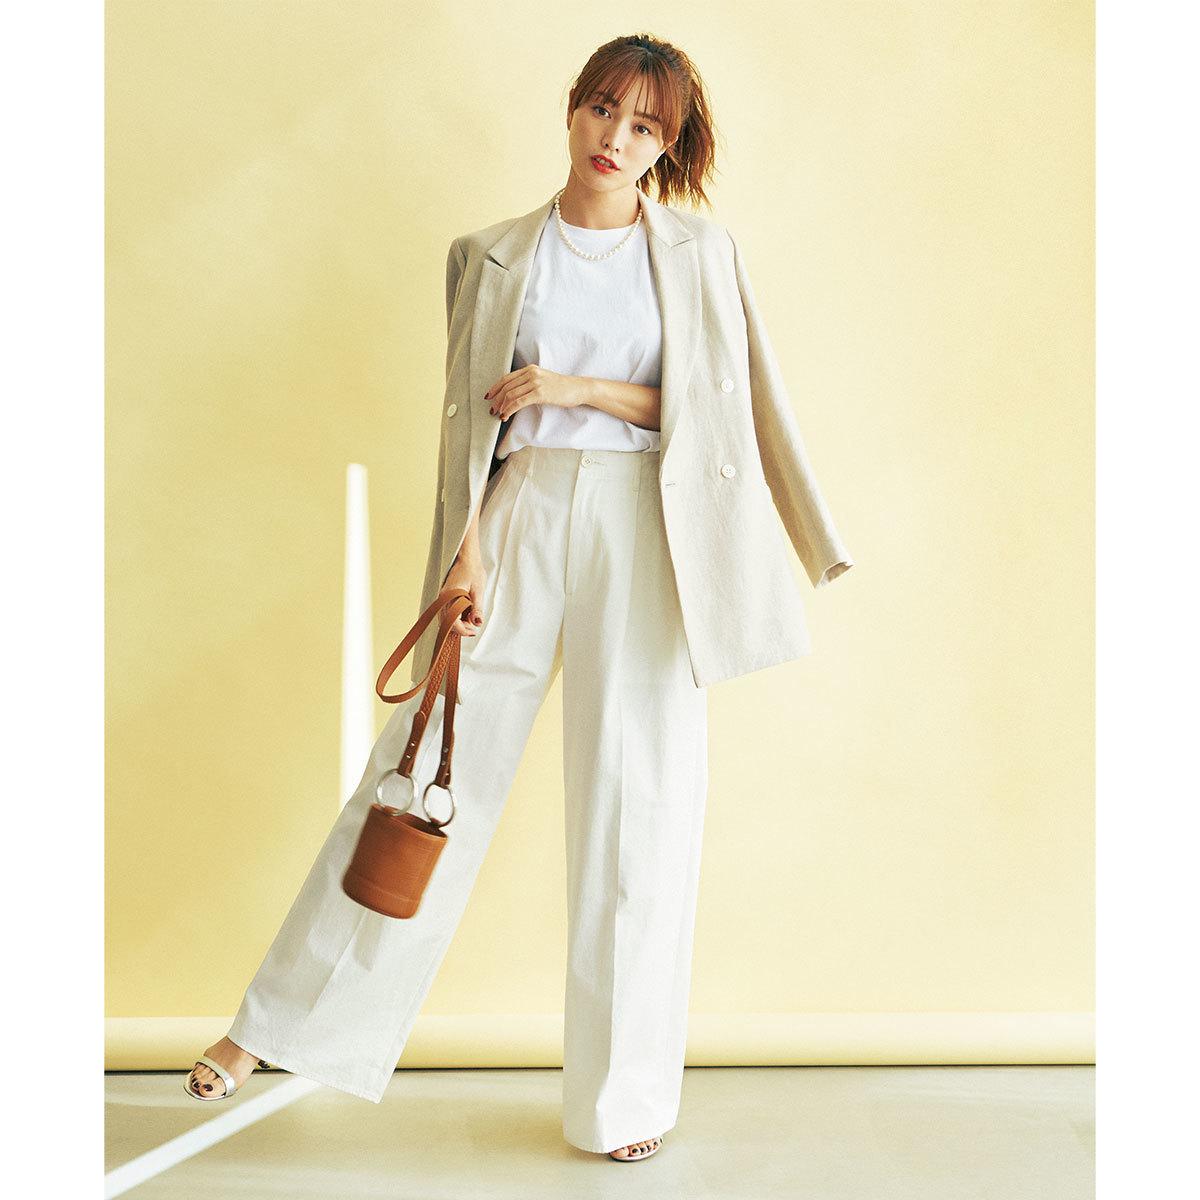 白Tシャツ×ジャケット×ワイドパンツコーデ